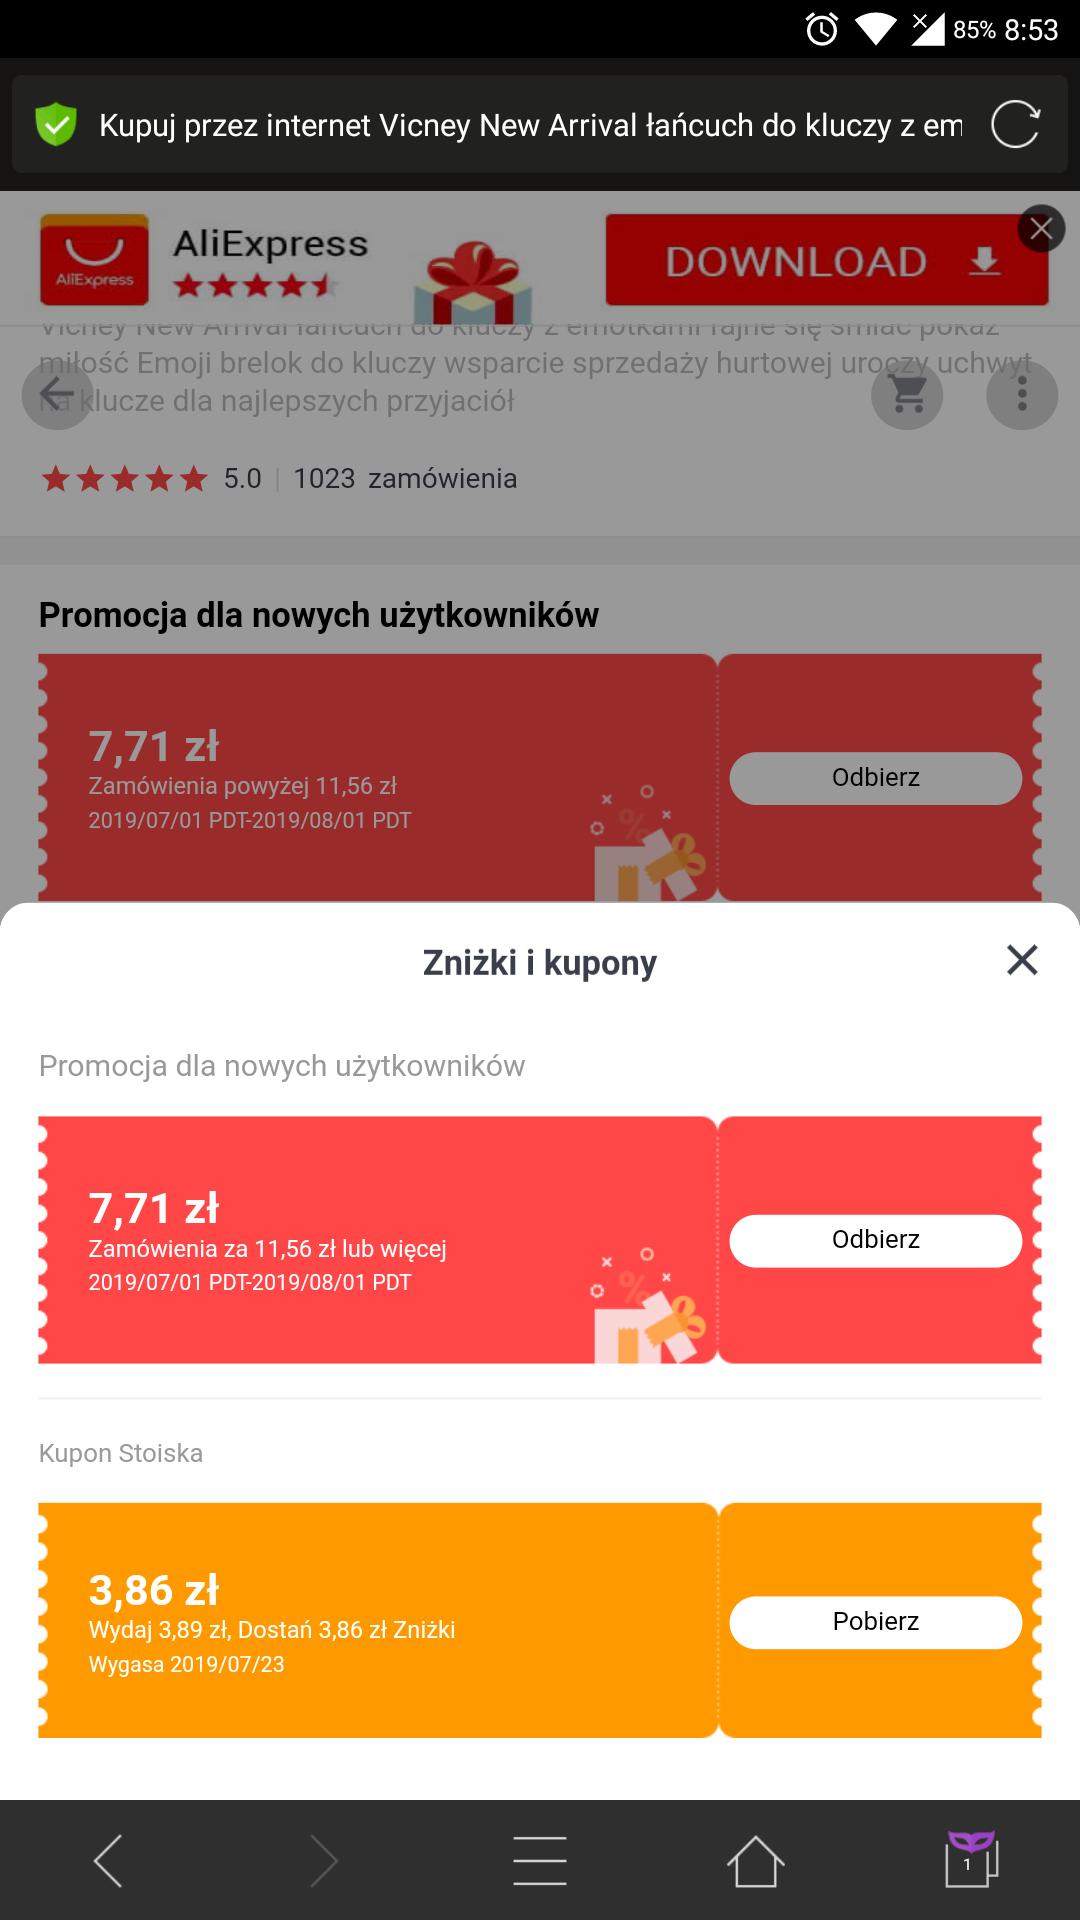 2541039-ZCjL8.jpg